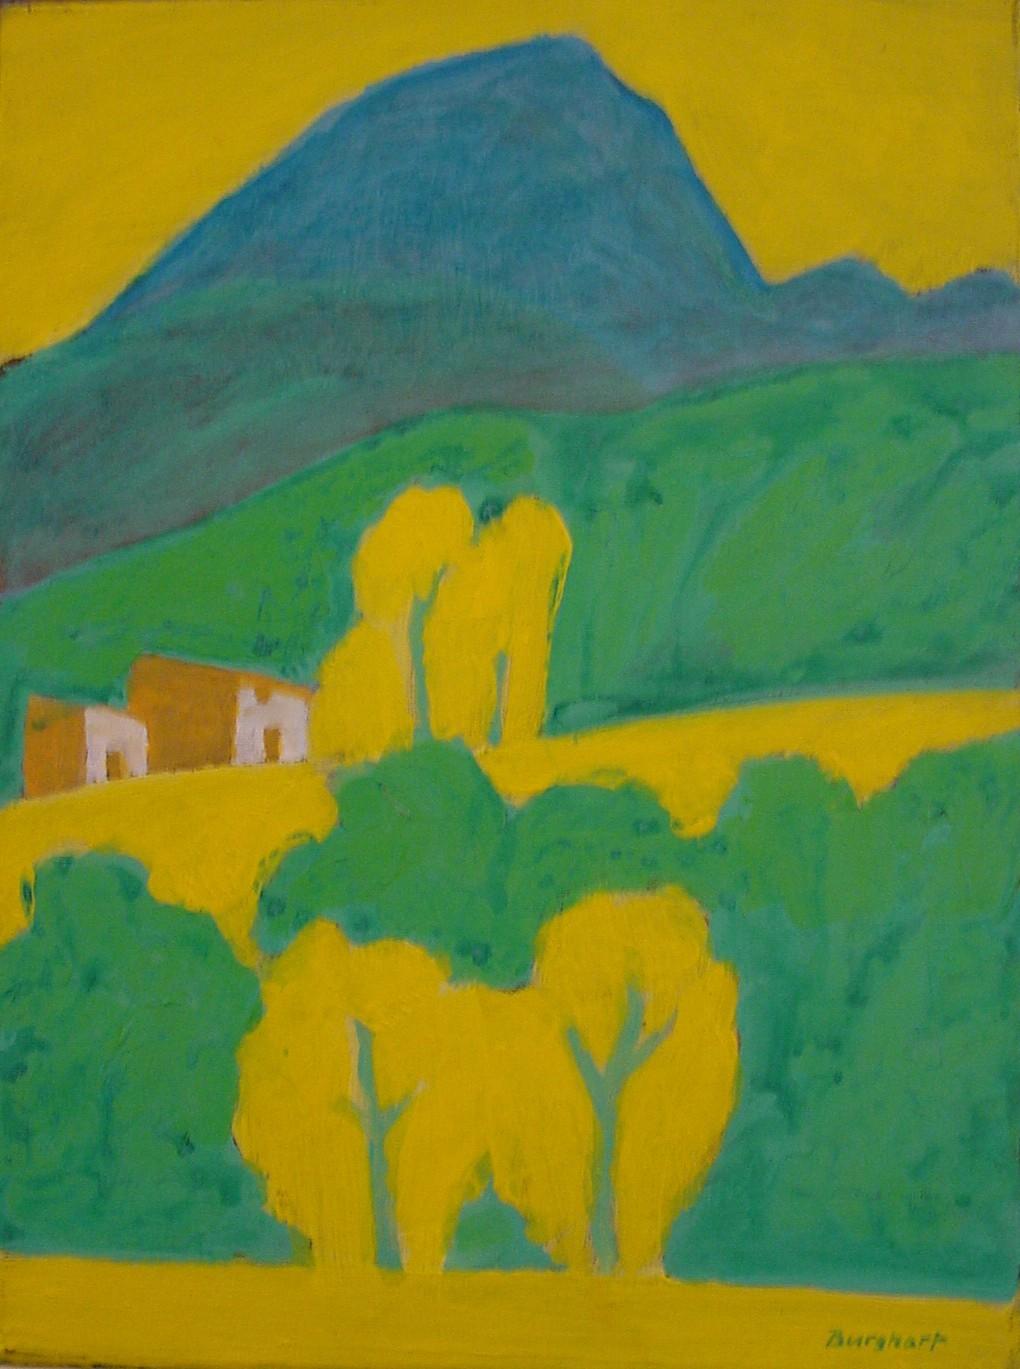 Burghart, Toni, , Kunst, Galerie Voigt, Nürnberg